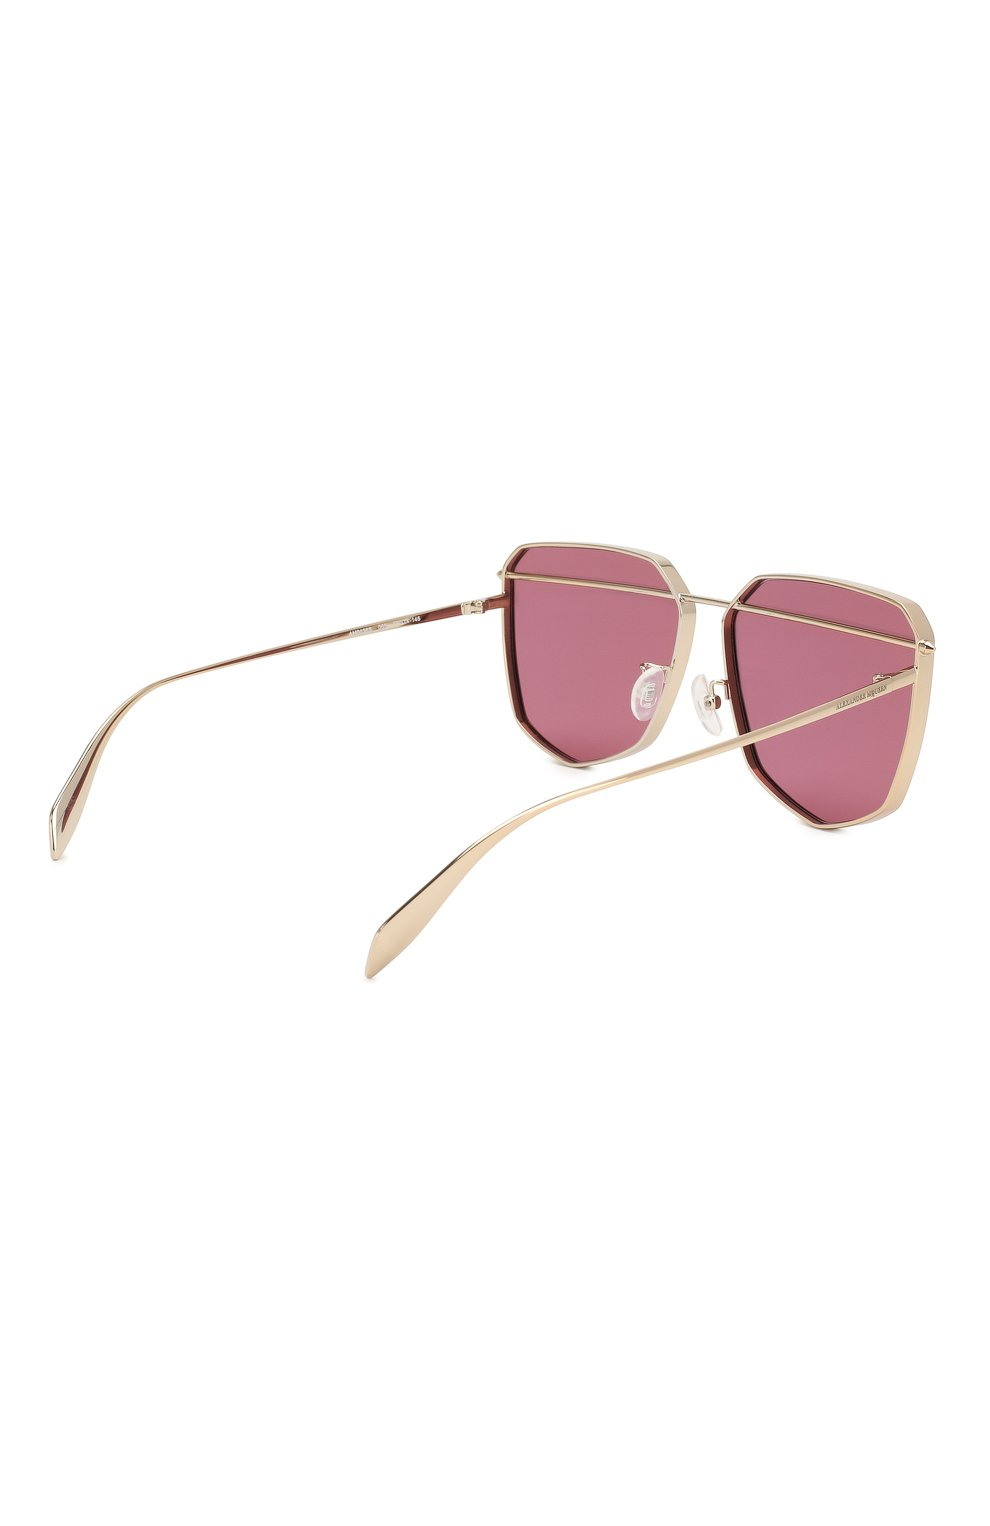 Женские солнцезащитные очки ALEXANDER MCQUEEN розового цвета, арт. AM0136 005 | Фото 4